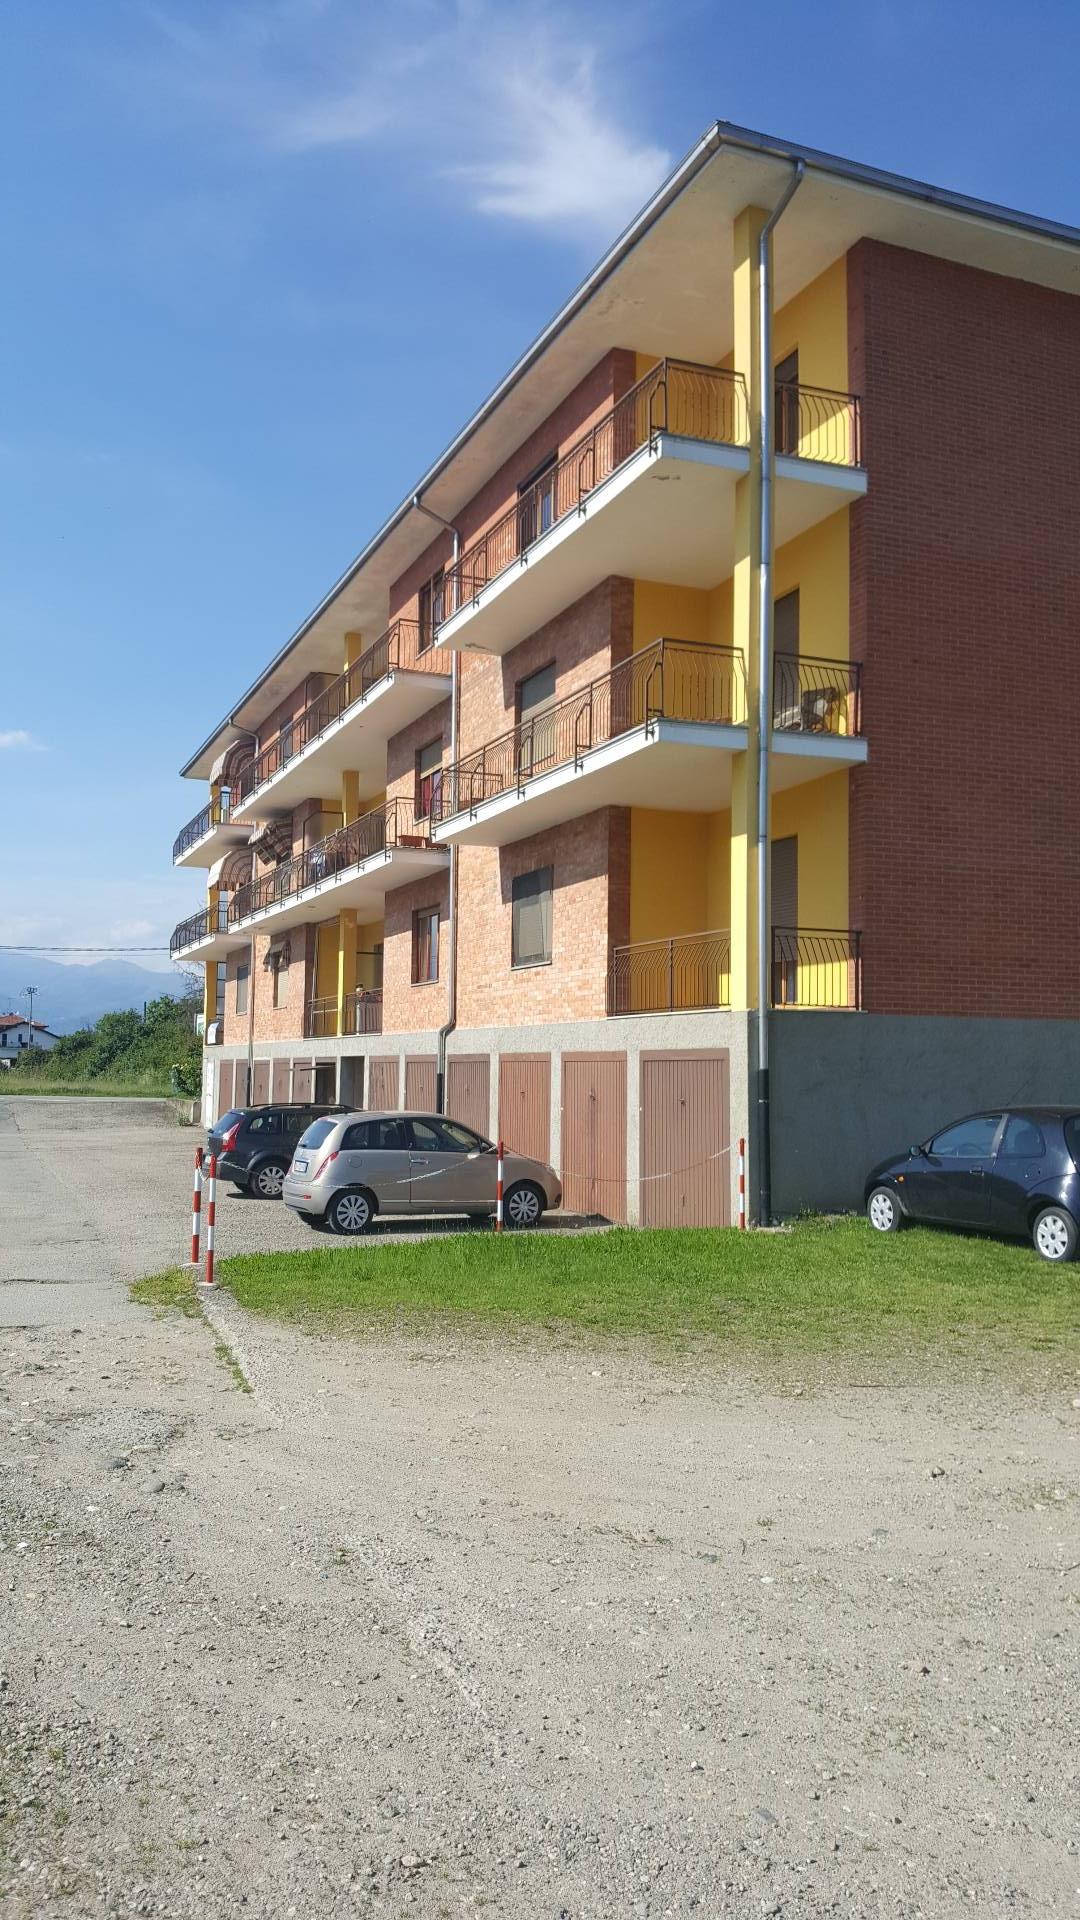 Appartamento in vendita a Cerrione, 4 locali, prezzo € 50.000 | CambioCasa.it